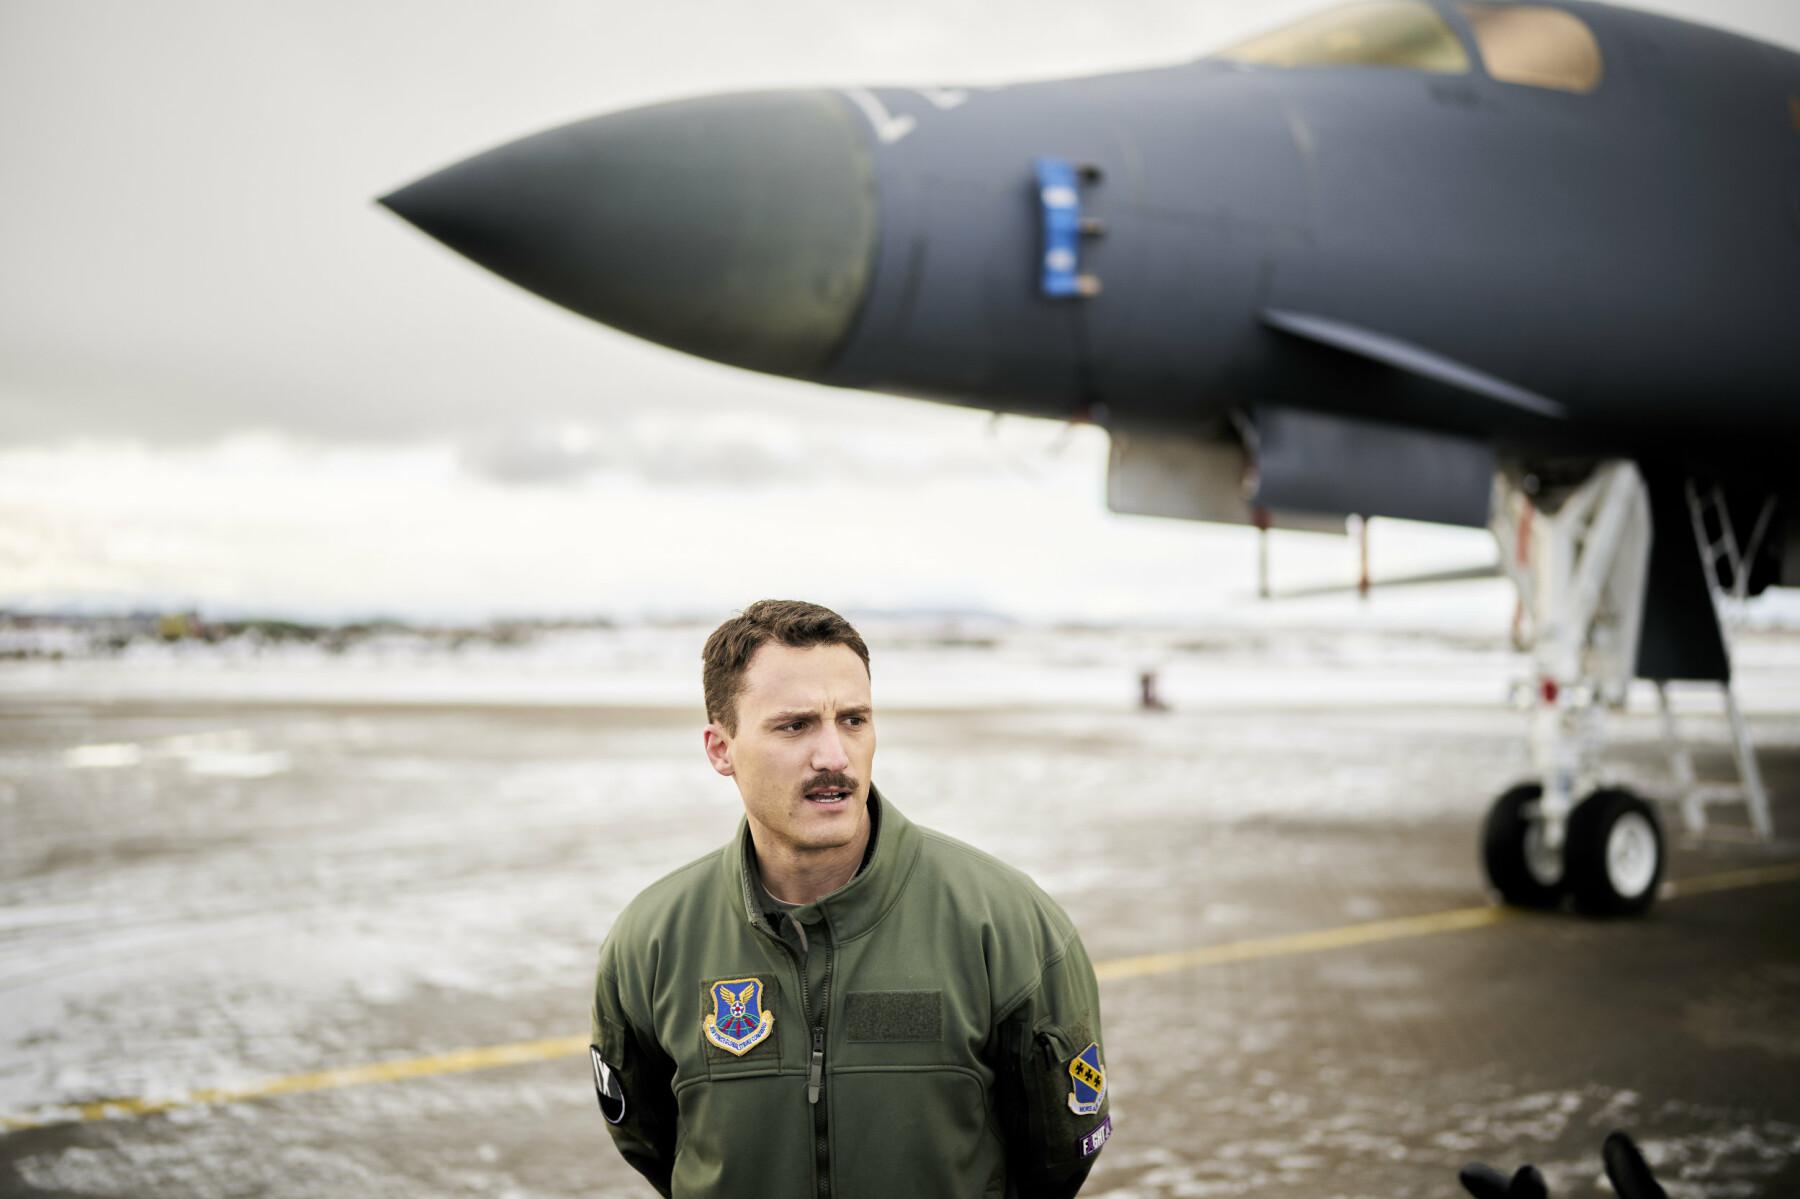 VIKTIG: Den amerikanske piloten på Ørland sier til Forsvarets forum at samtreningen med nordmennene er viktig.